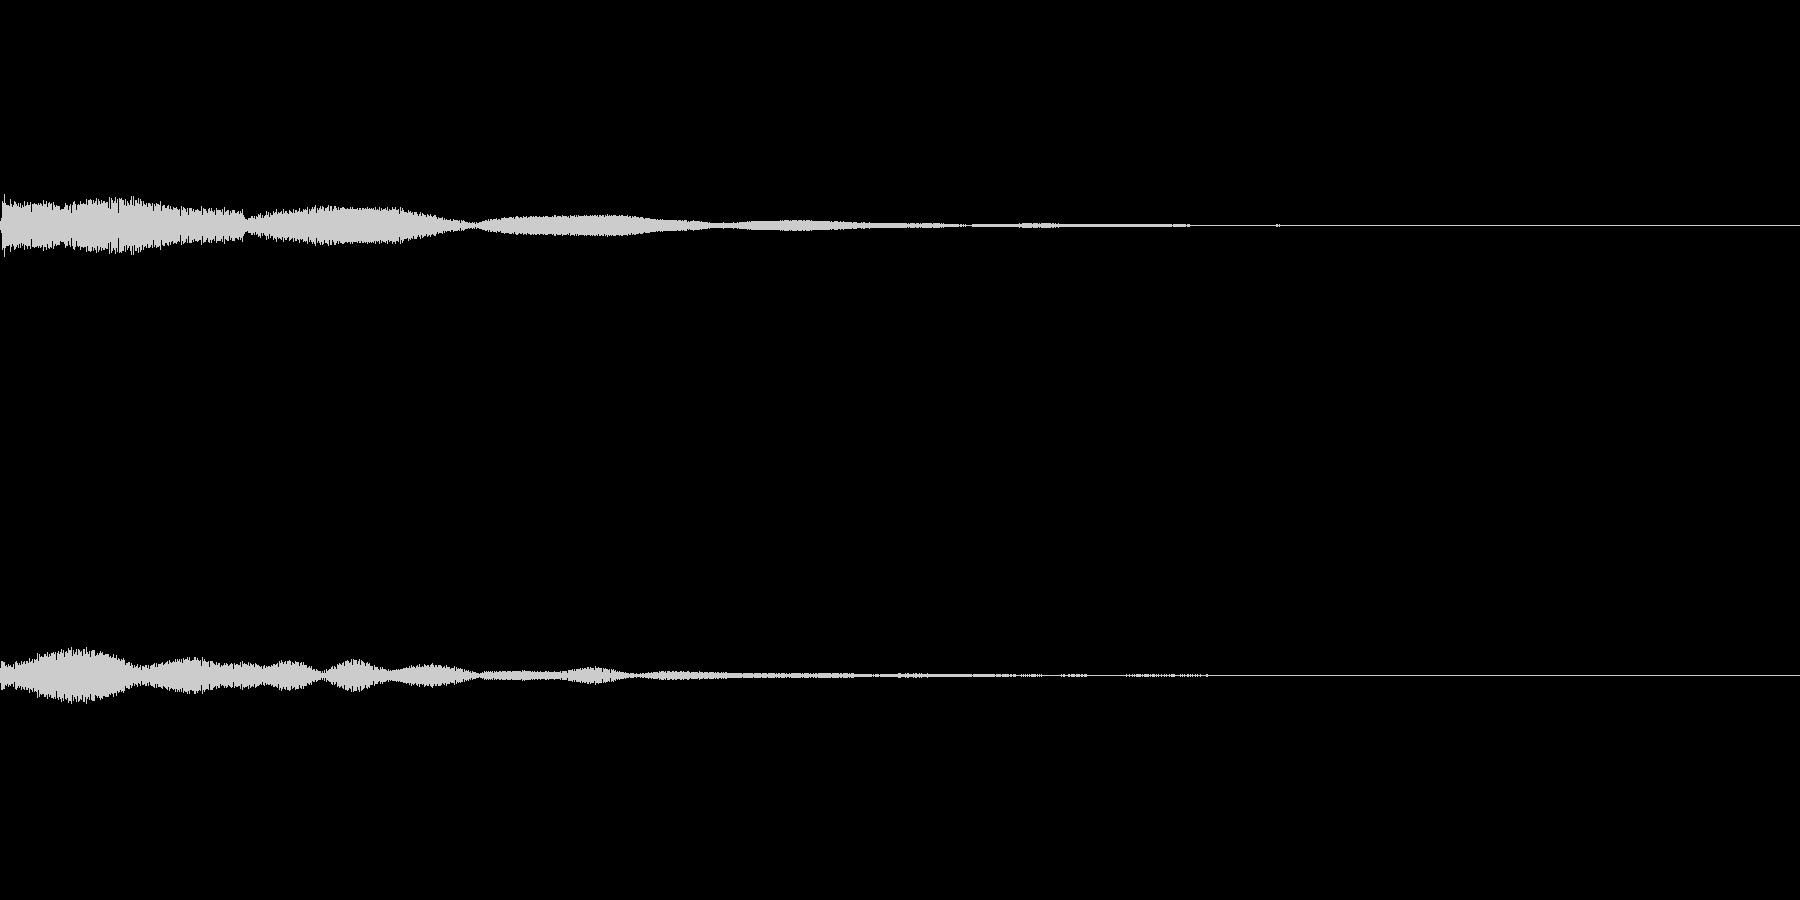 【SE 効果音】効果音その14の未再生の波形